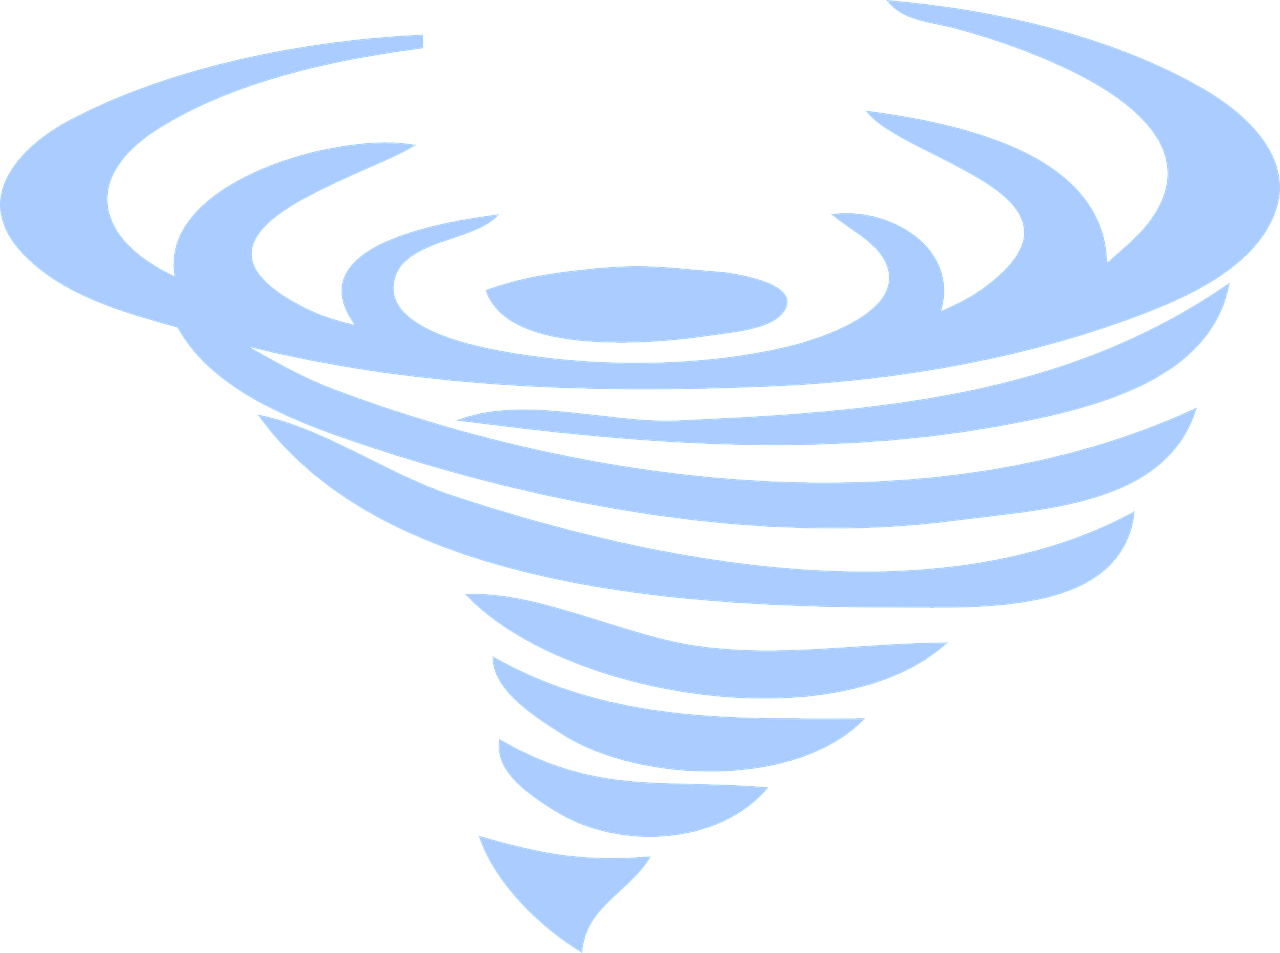 natural disaster aid